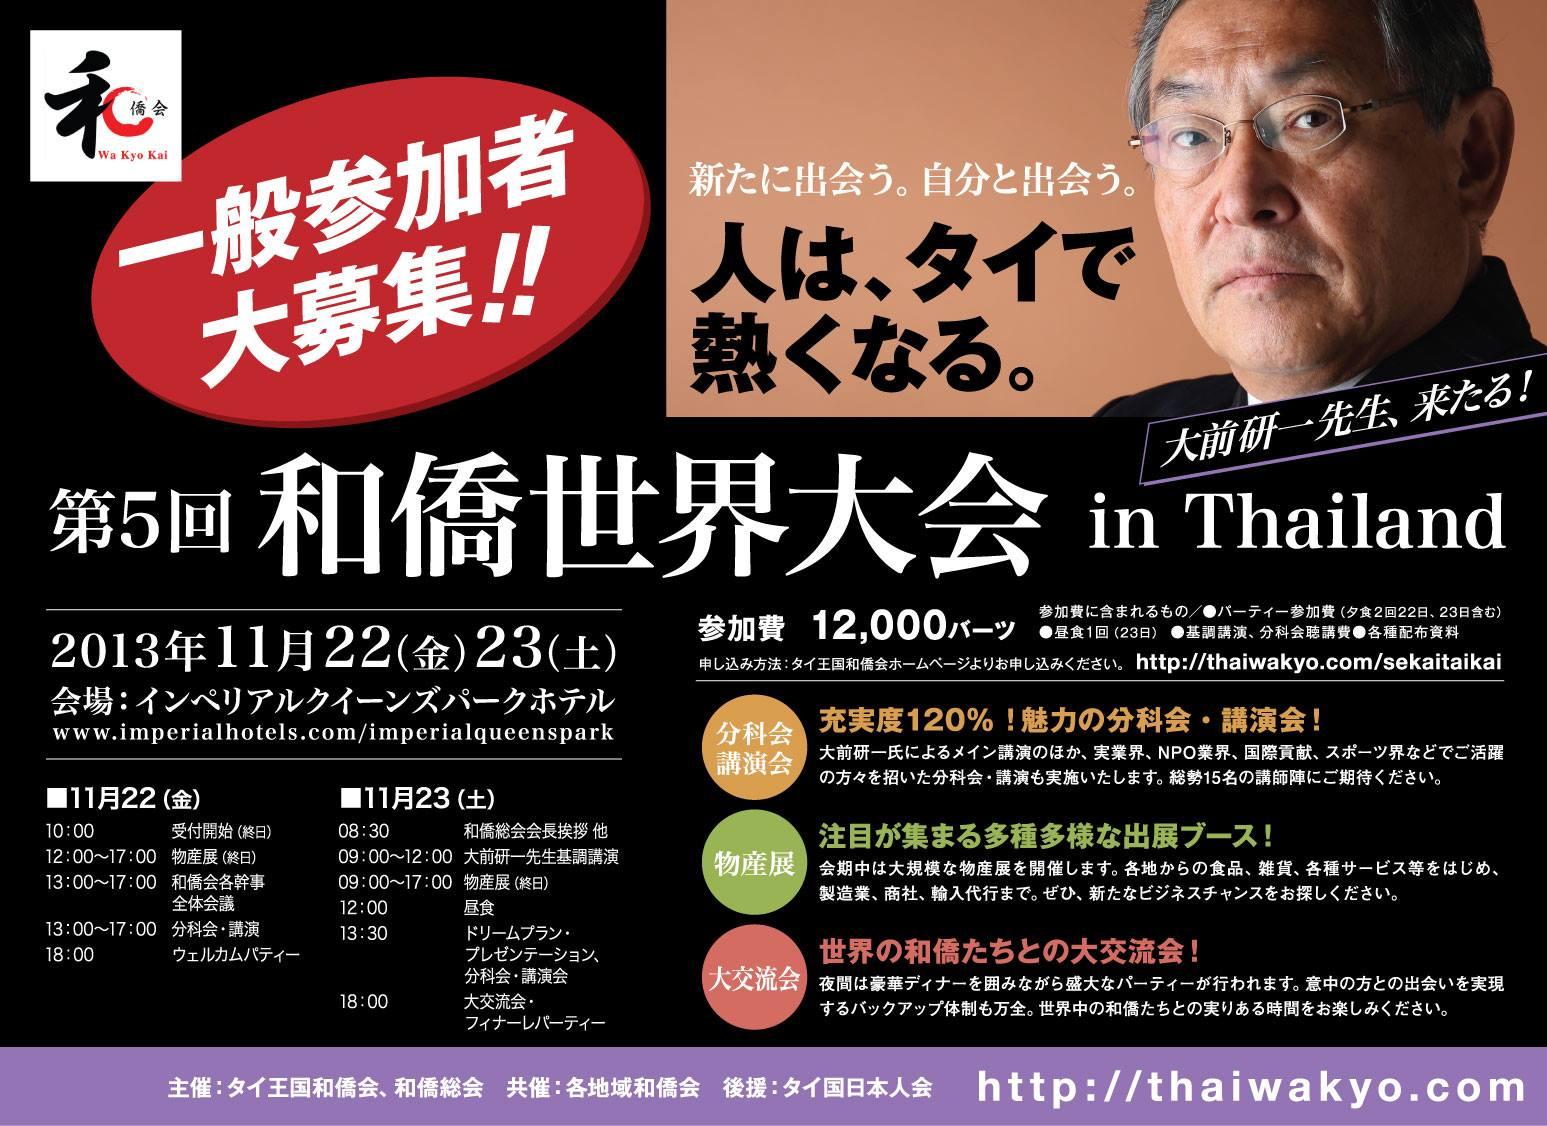 第5回和僑世界大会 in Thailand